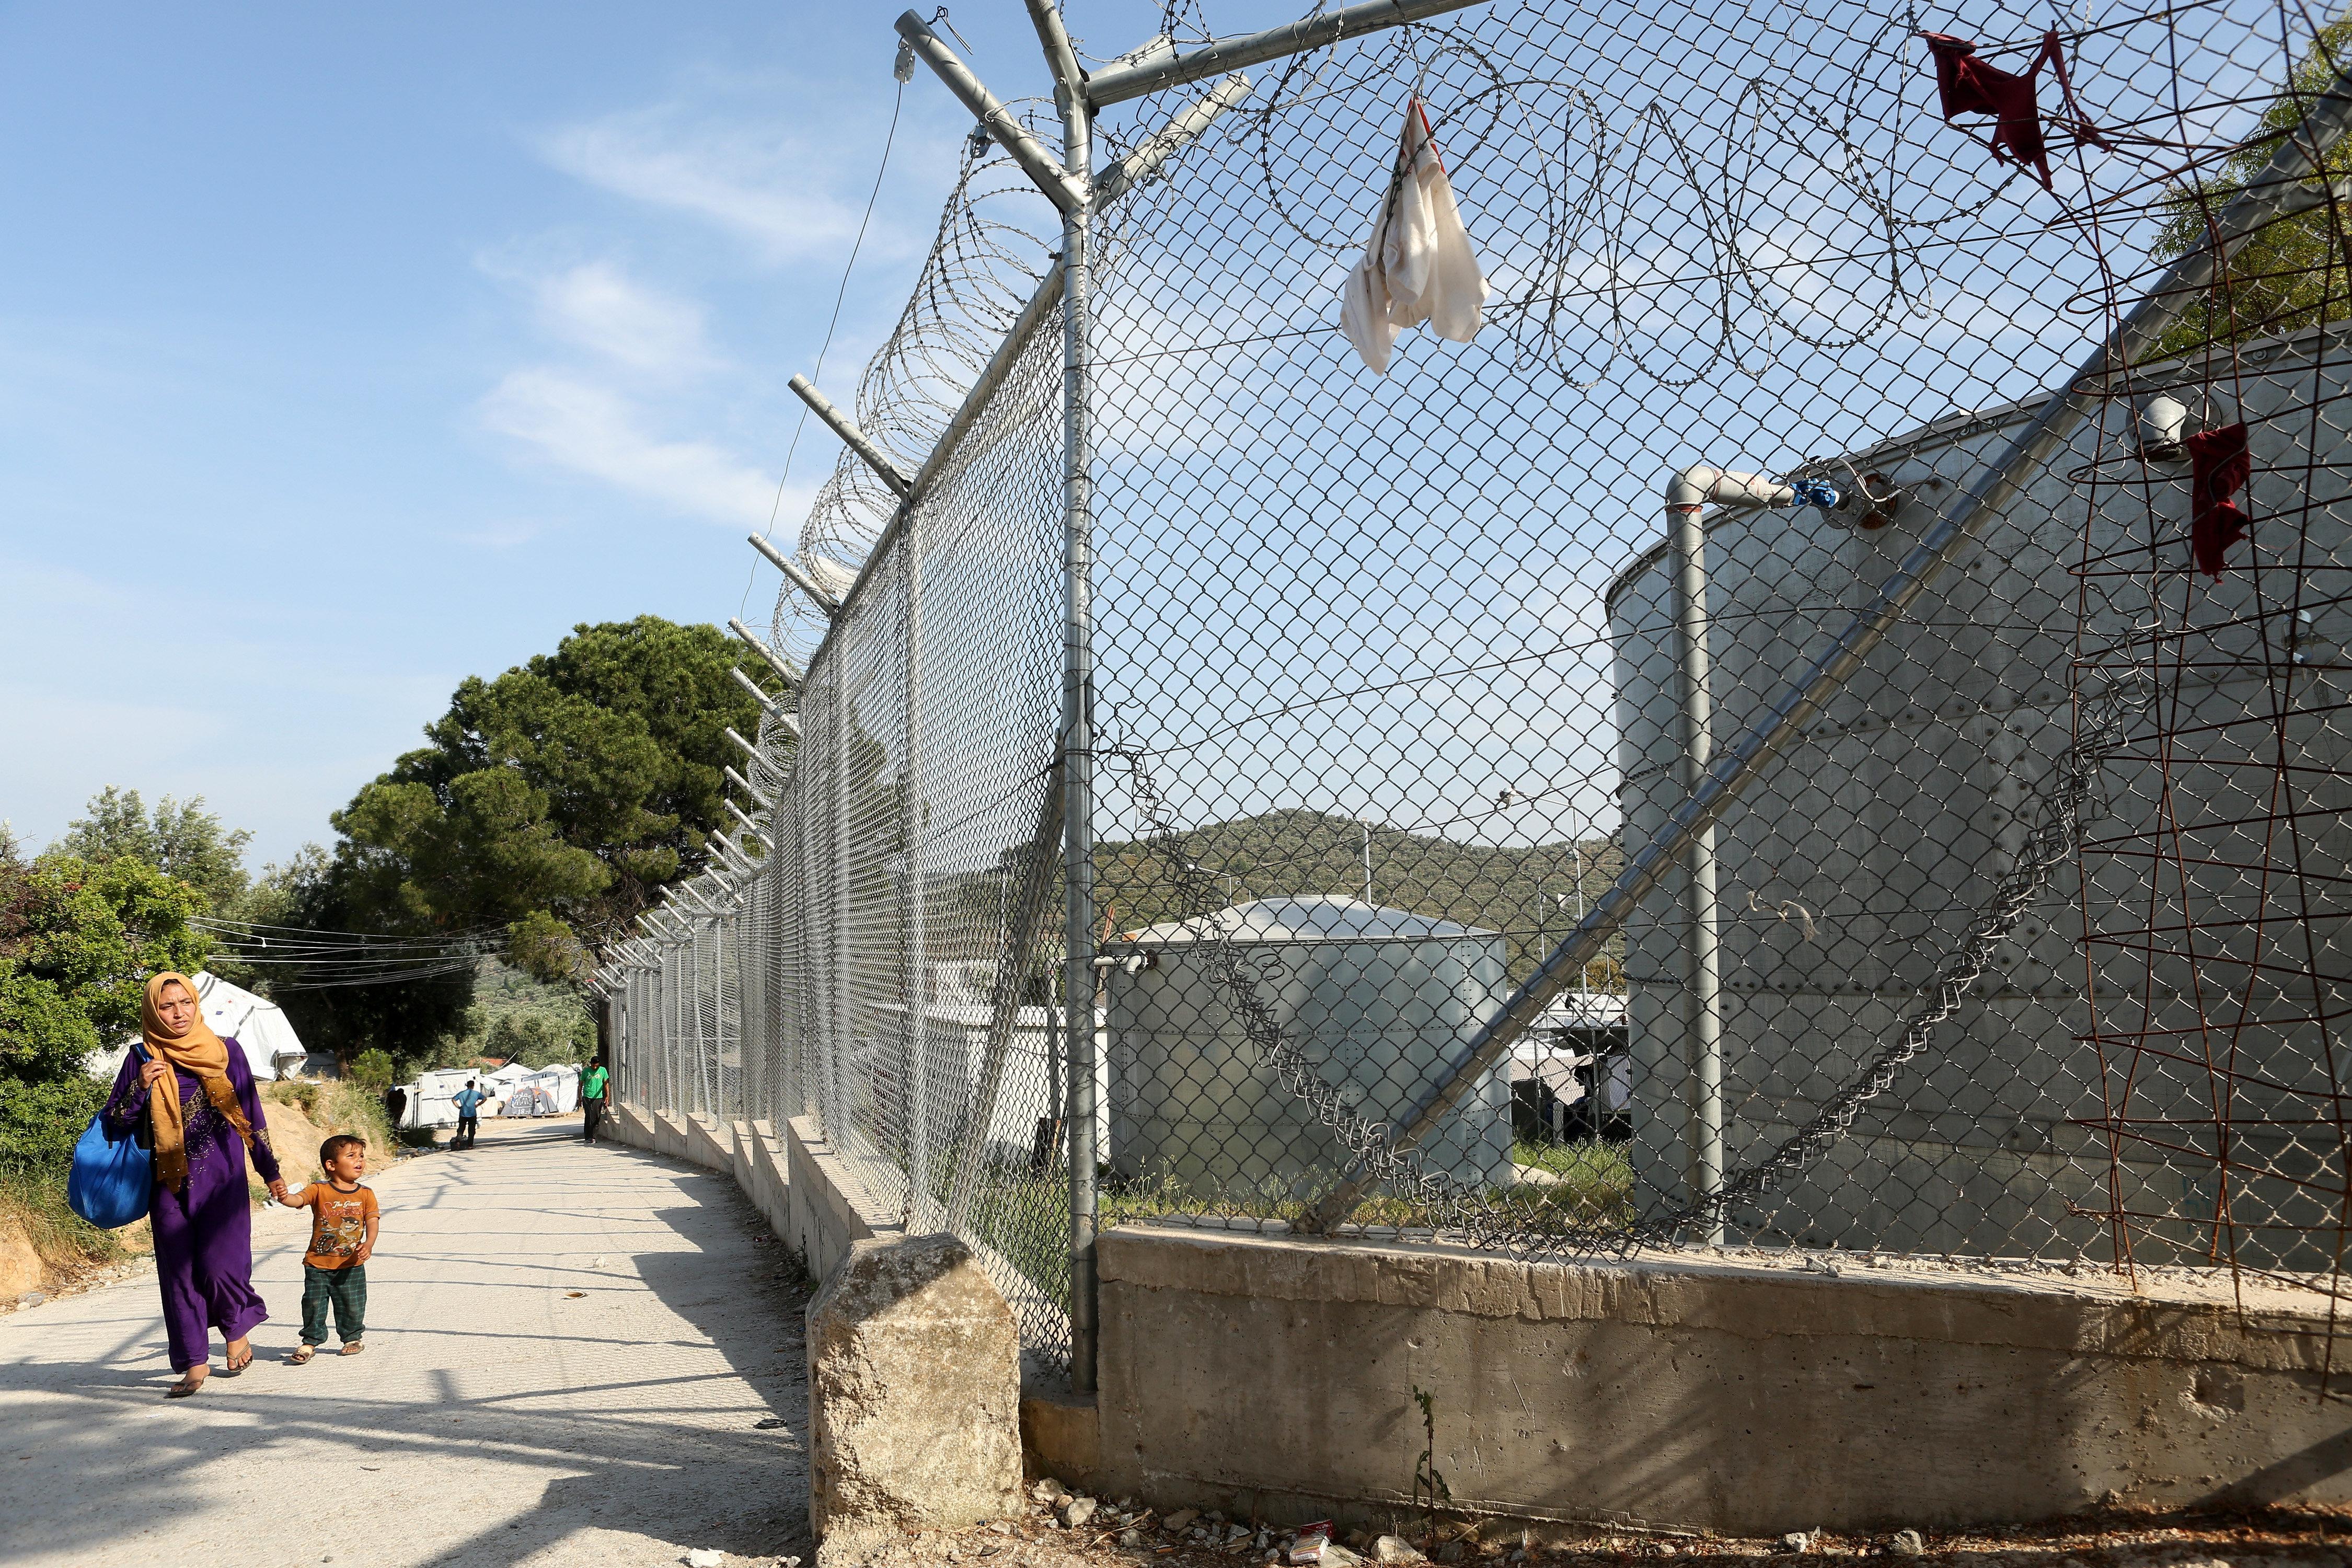 Τσίπρας: H ελληνική κυβέρνηση δεν θα προχωρήσει στην αύξηση του ΦΠΑ στα νησιά που δέχονται προσφυγικές